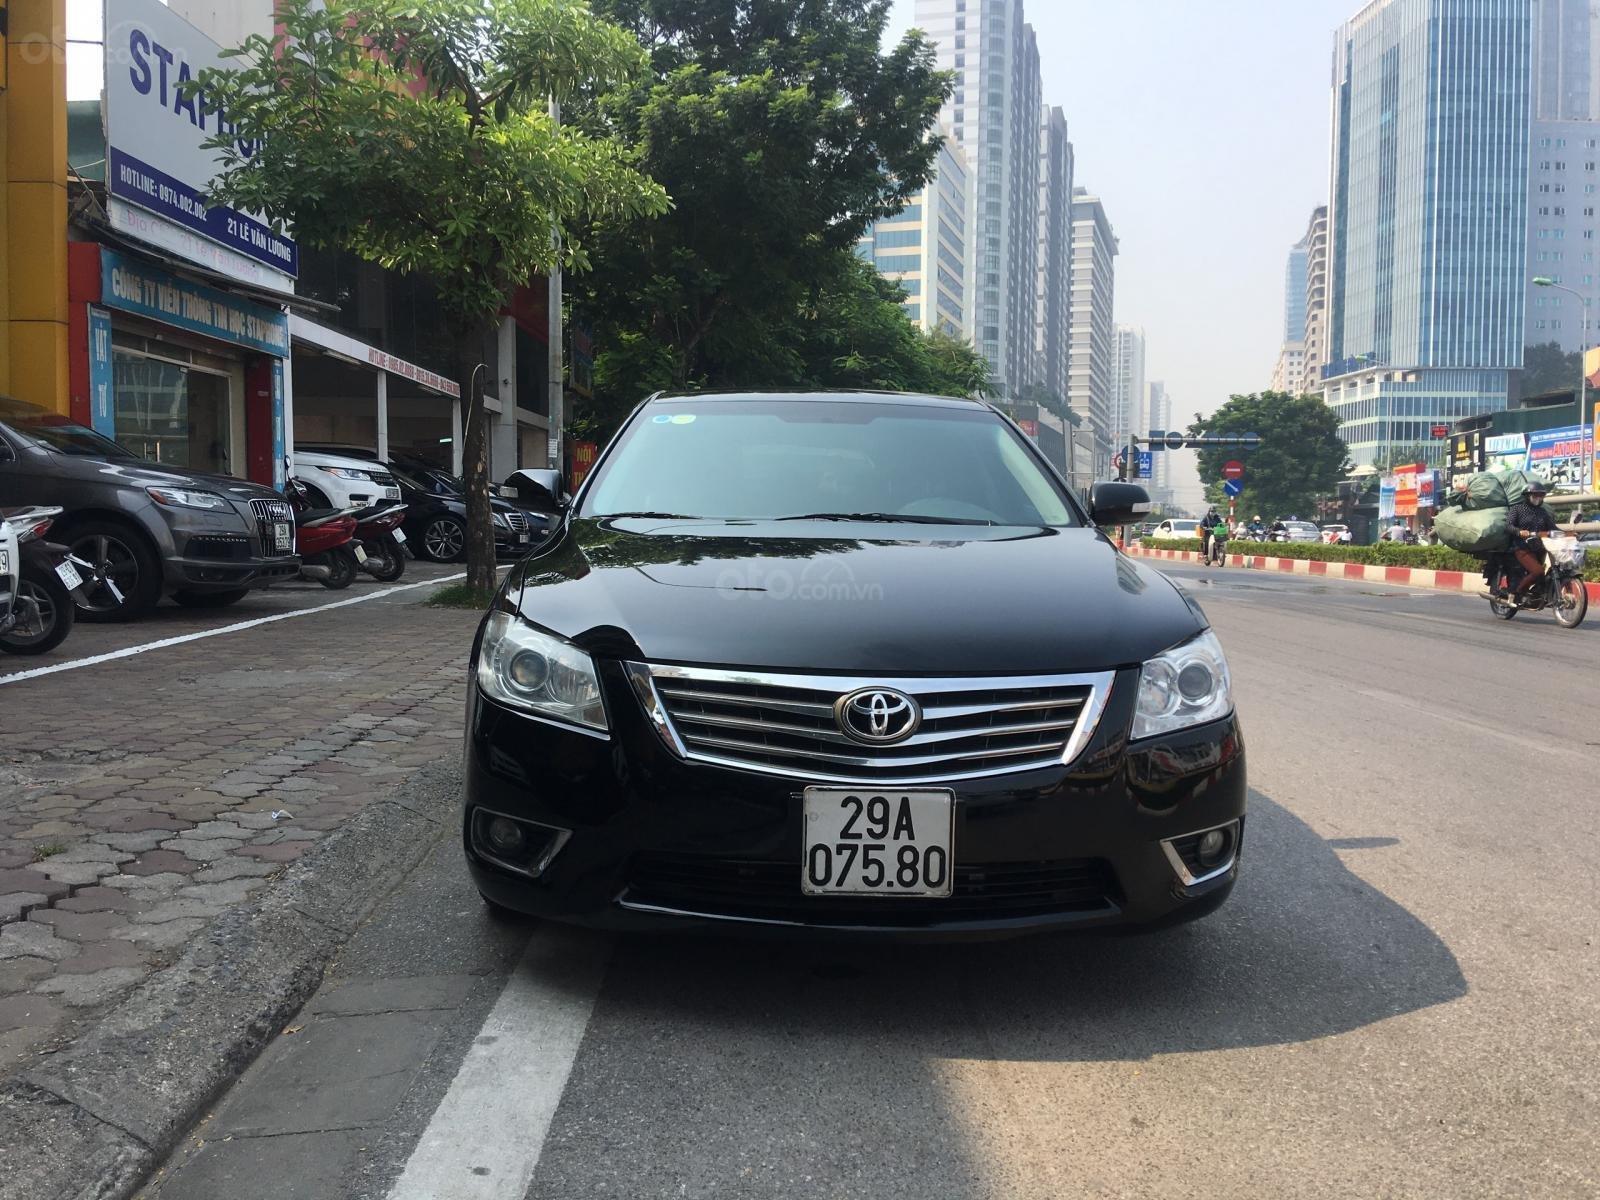 Cần bán xe Toyota Camry 2.0E sản xuất năm 2010, màu đen, xe nhập (1)